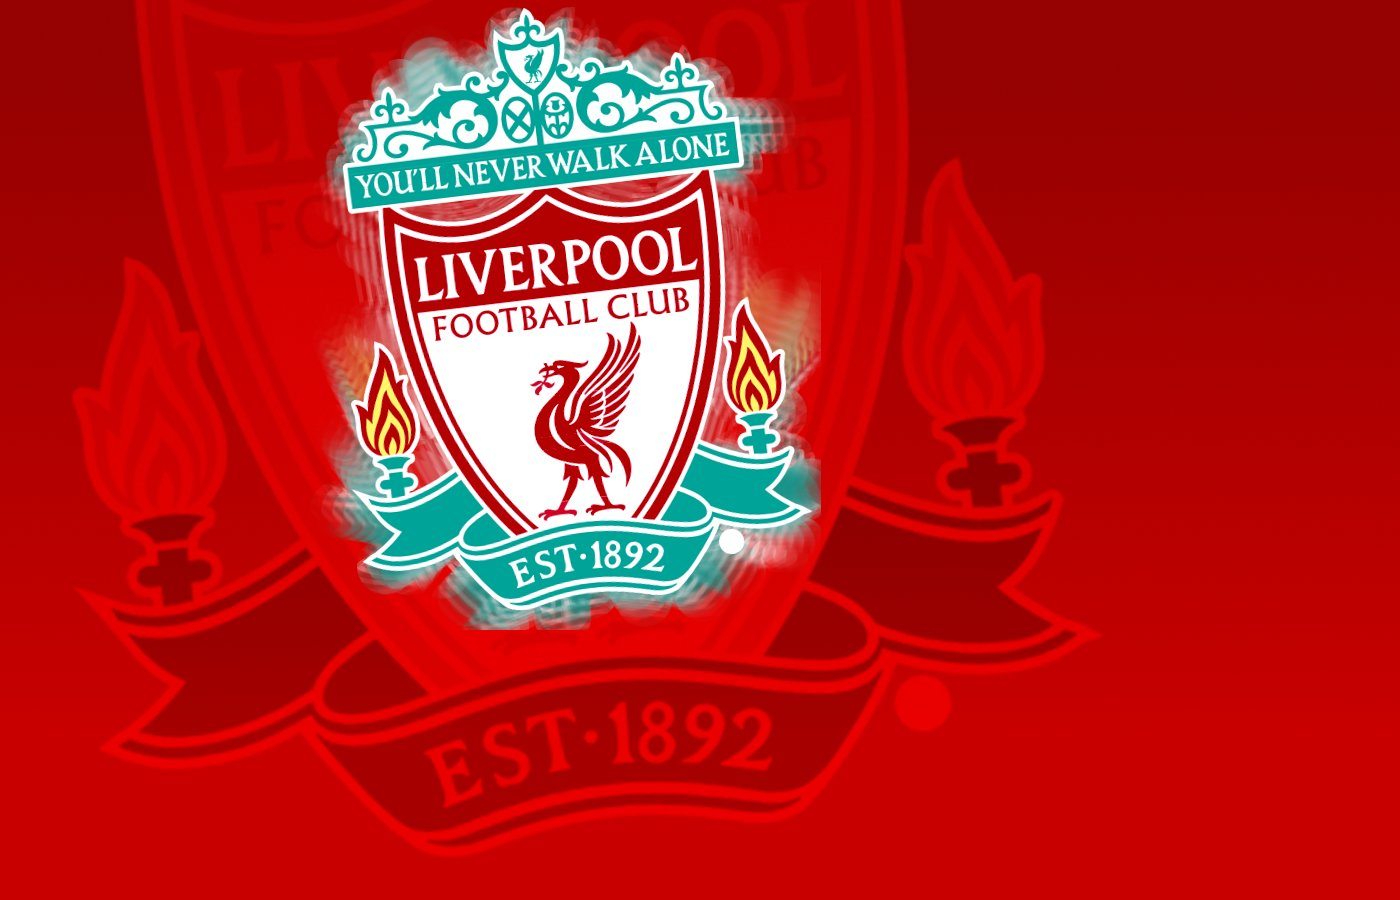 http://1.bp.blogspot.com/-E32lXd_M2Yk/UK5-mXfMcRI/AAAAAAAAK8A/ZELTzrNpYKs/s1600/liverpoolfc-logo-wallpaper-2012+04.jpg